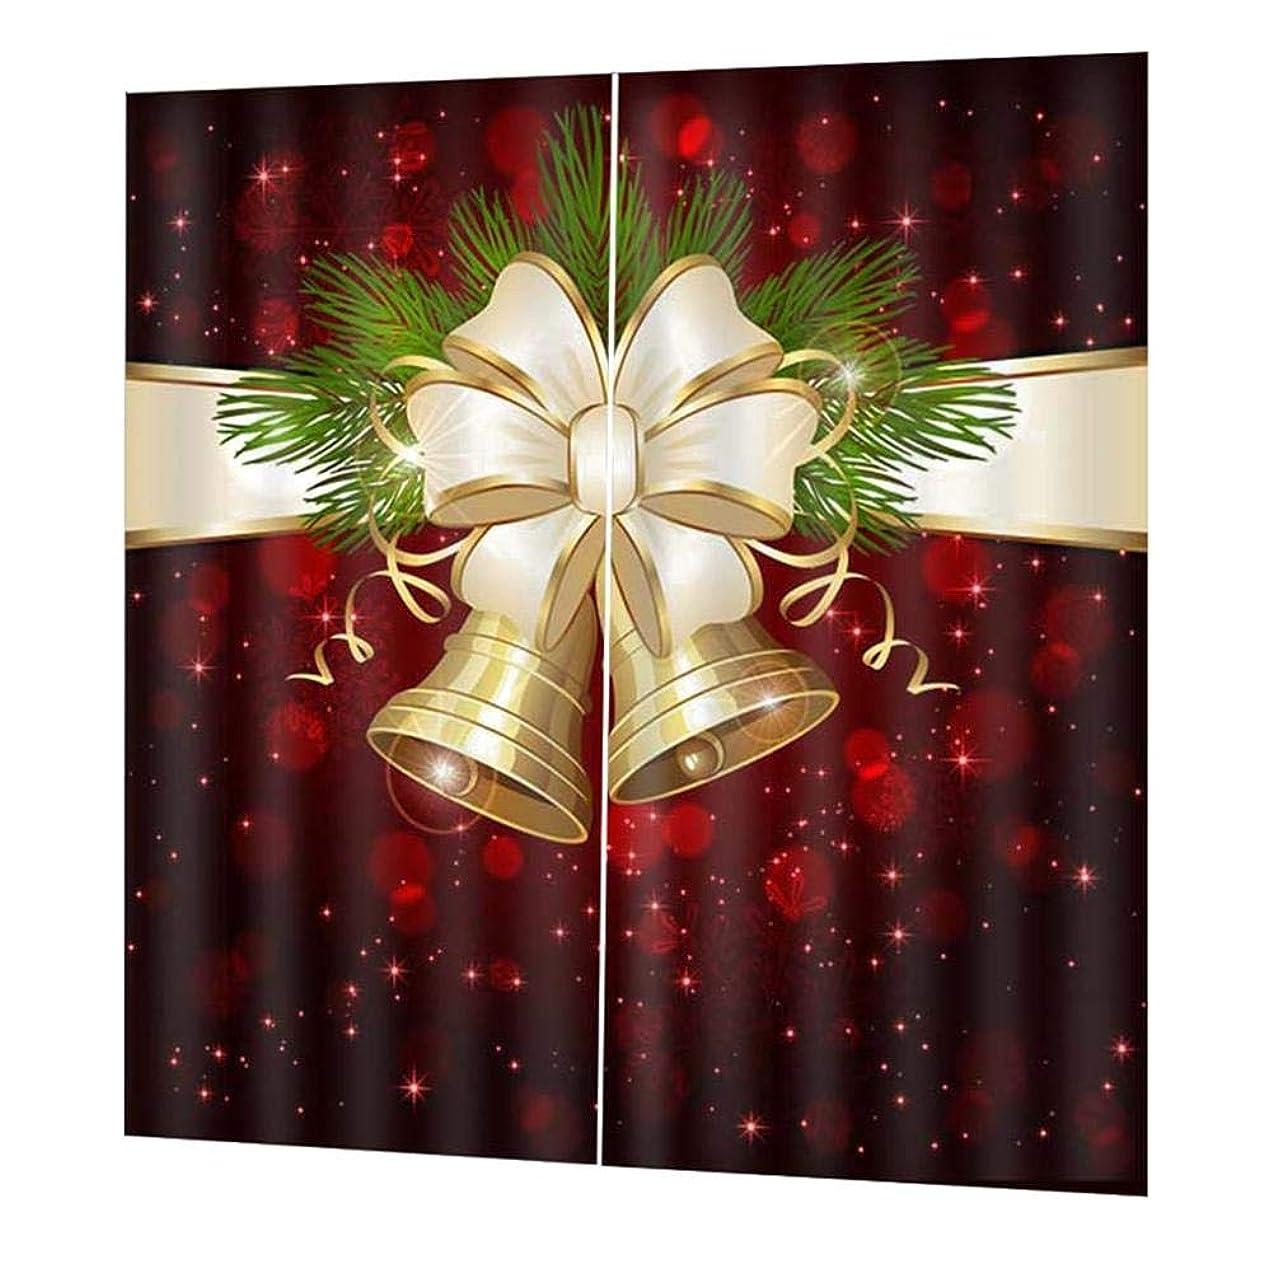 鳴らす真鍮練るクリスマスシャワーカーテン クリスマスリビングルームの寝室のカーテン クリスマススタイルのカーテン 厚い防水カーテン クリスマスの飾り